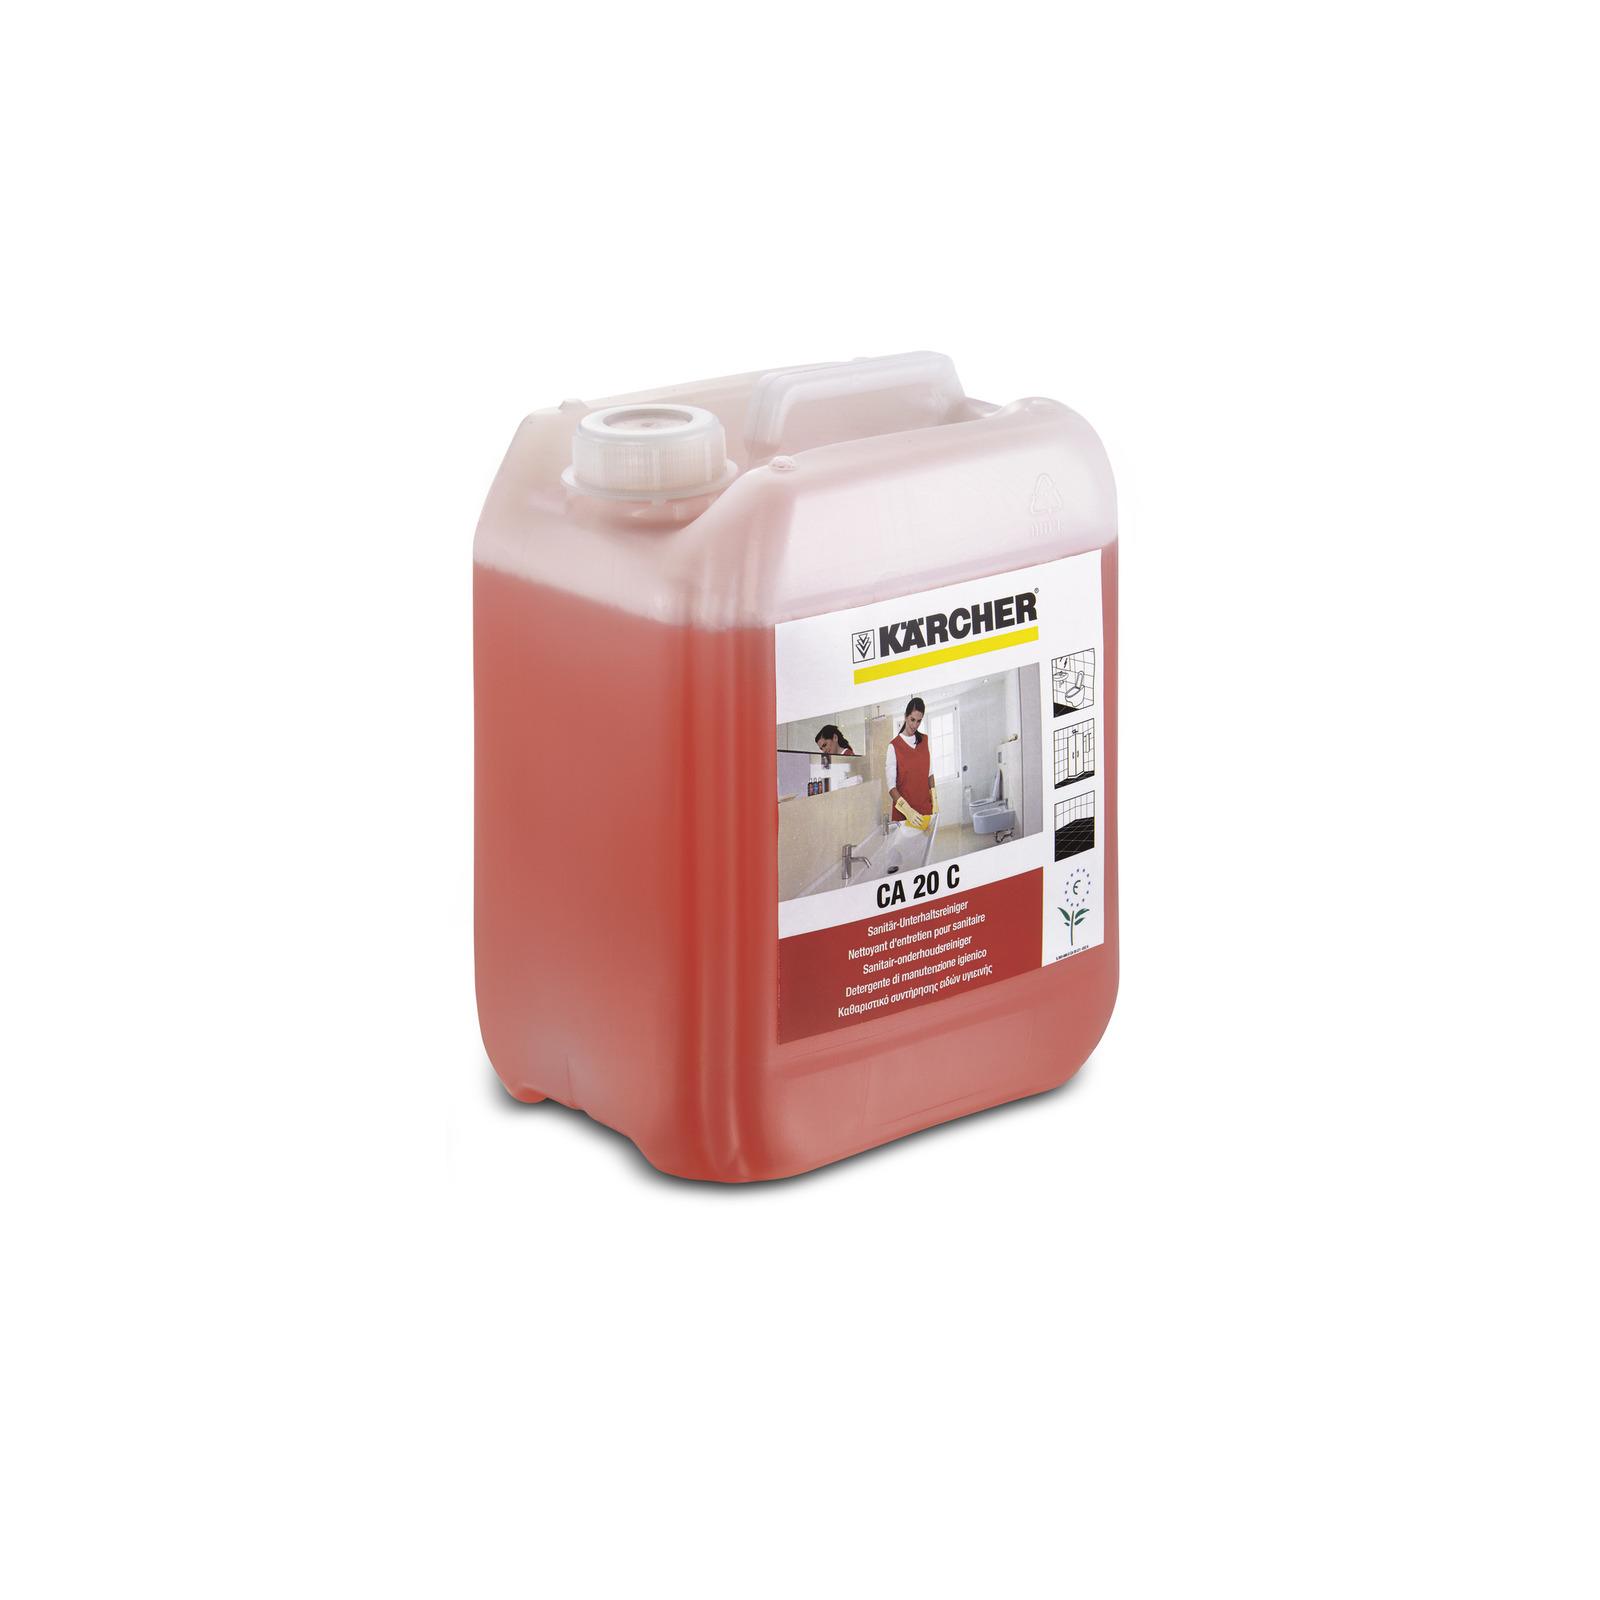 Универсален препарат за санитария Karcher SanitPro CA 20 C Eco, 5л.